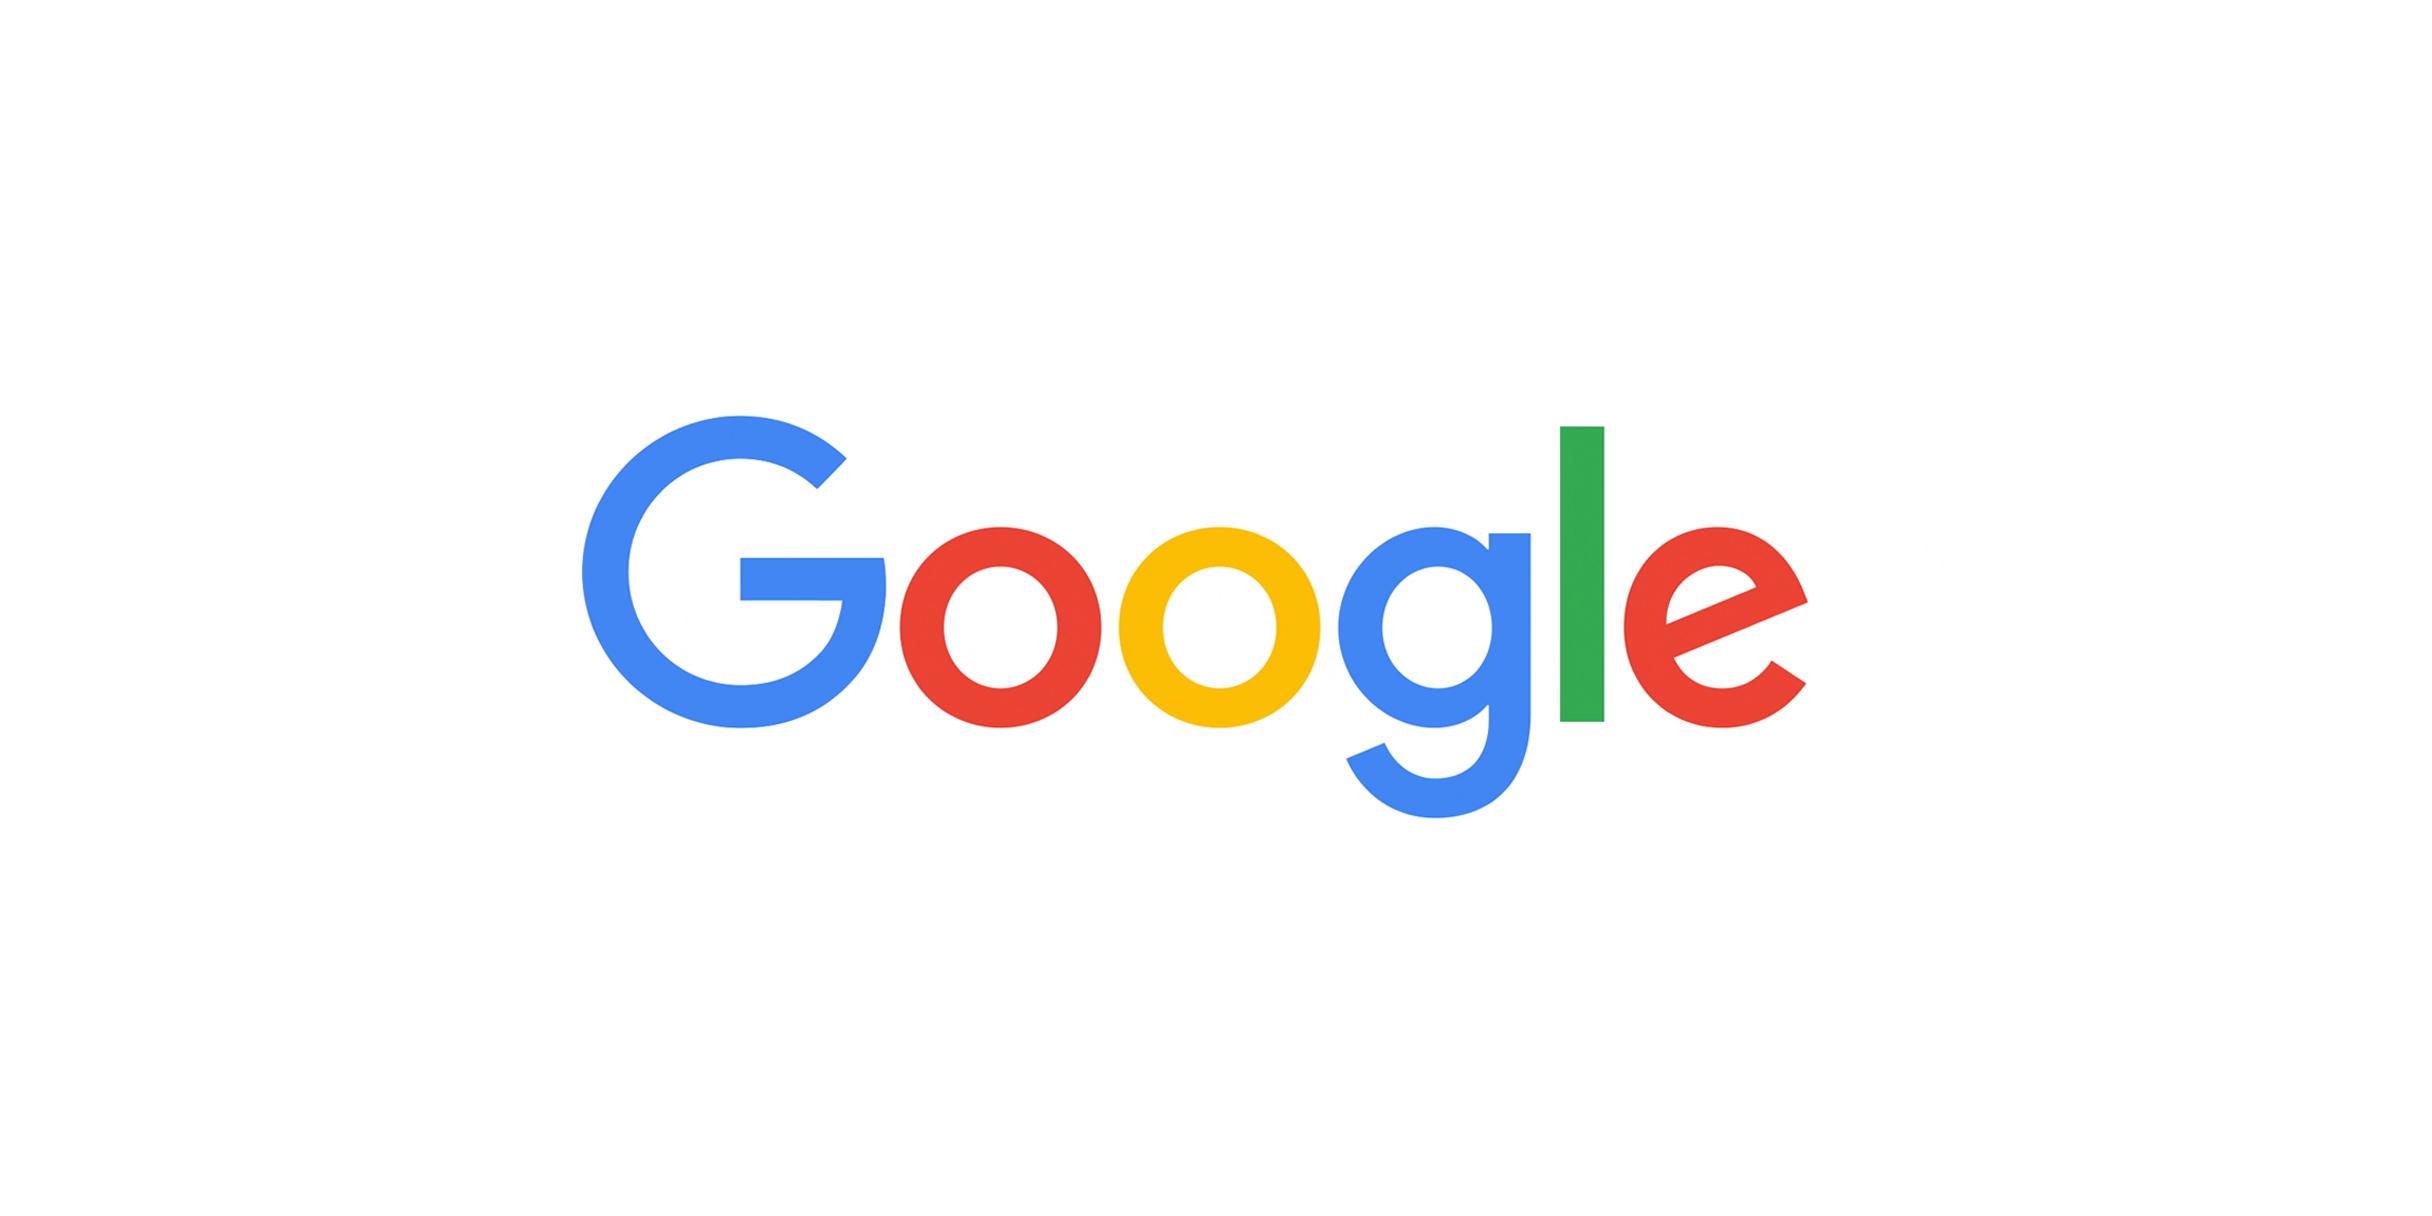 Google जल्द ही पुराने Android फ़ोन पर Gmail, YouTube, डिस्क खाता साइन-इन के लिए समर्थन समाप्त करेगा